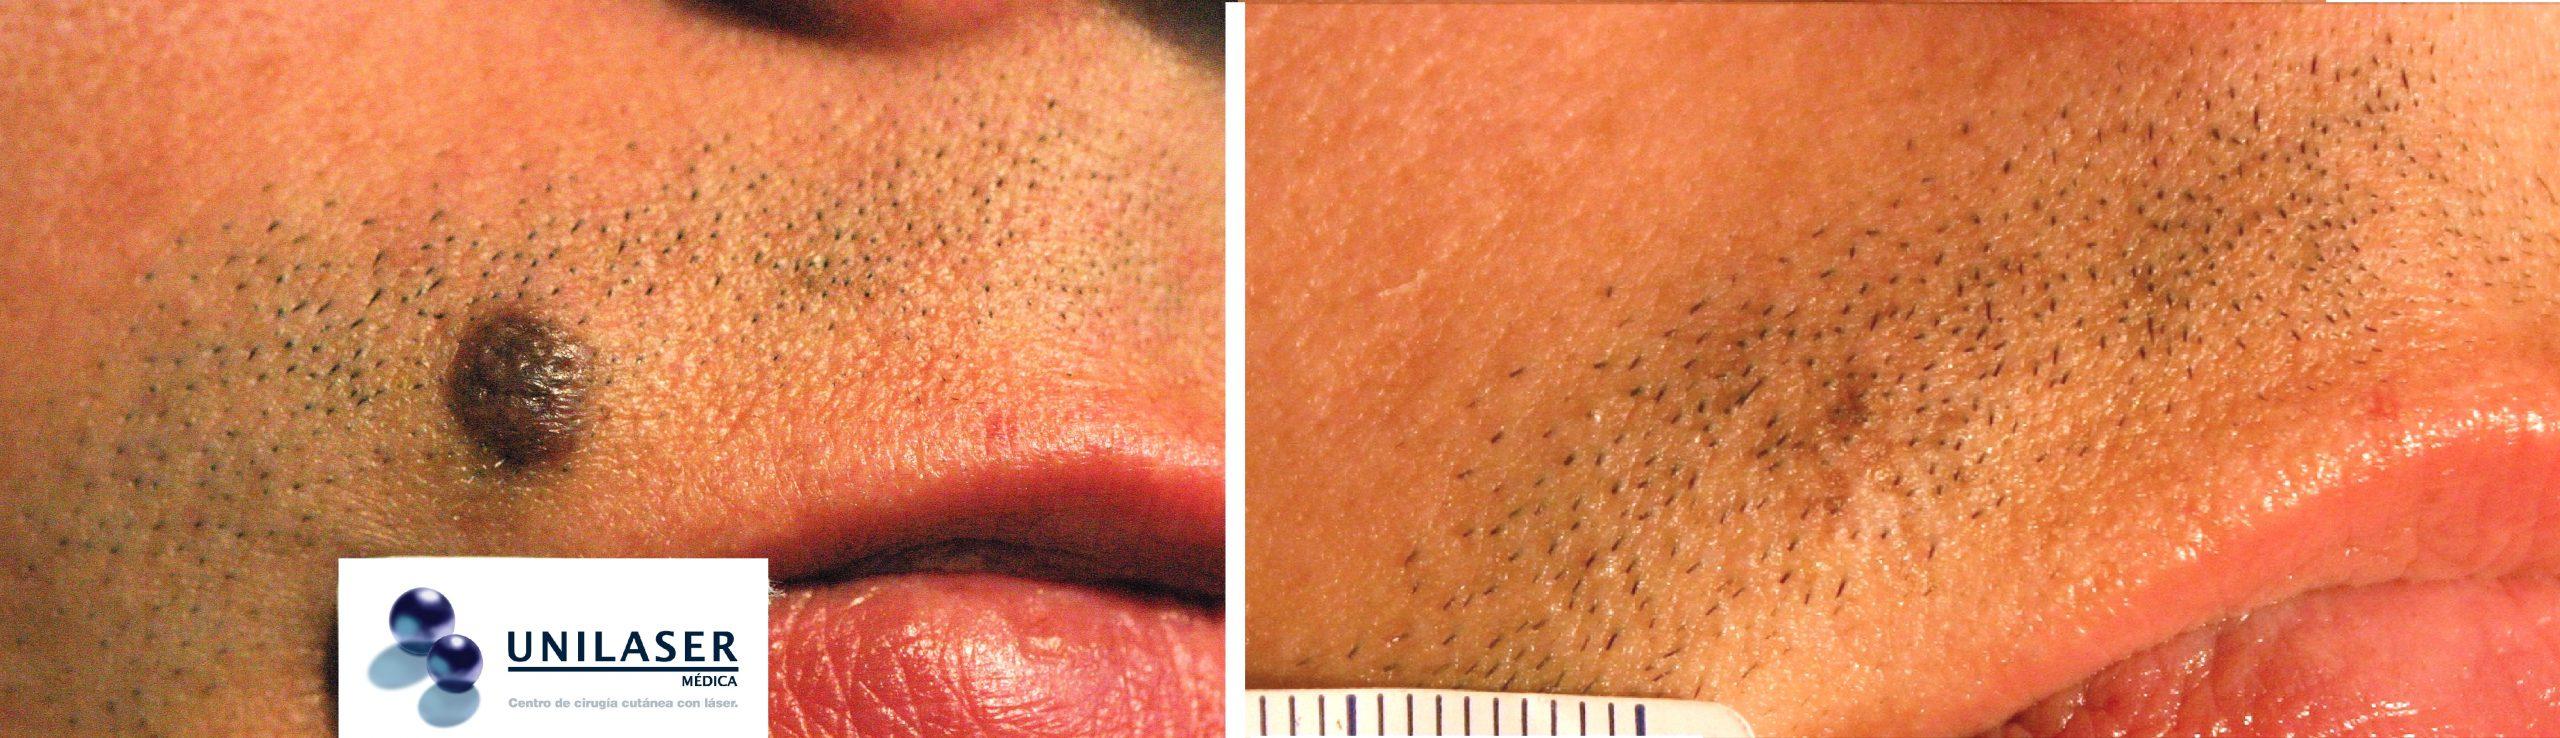 Nevus del labio superior tratado con láser